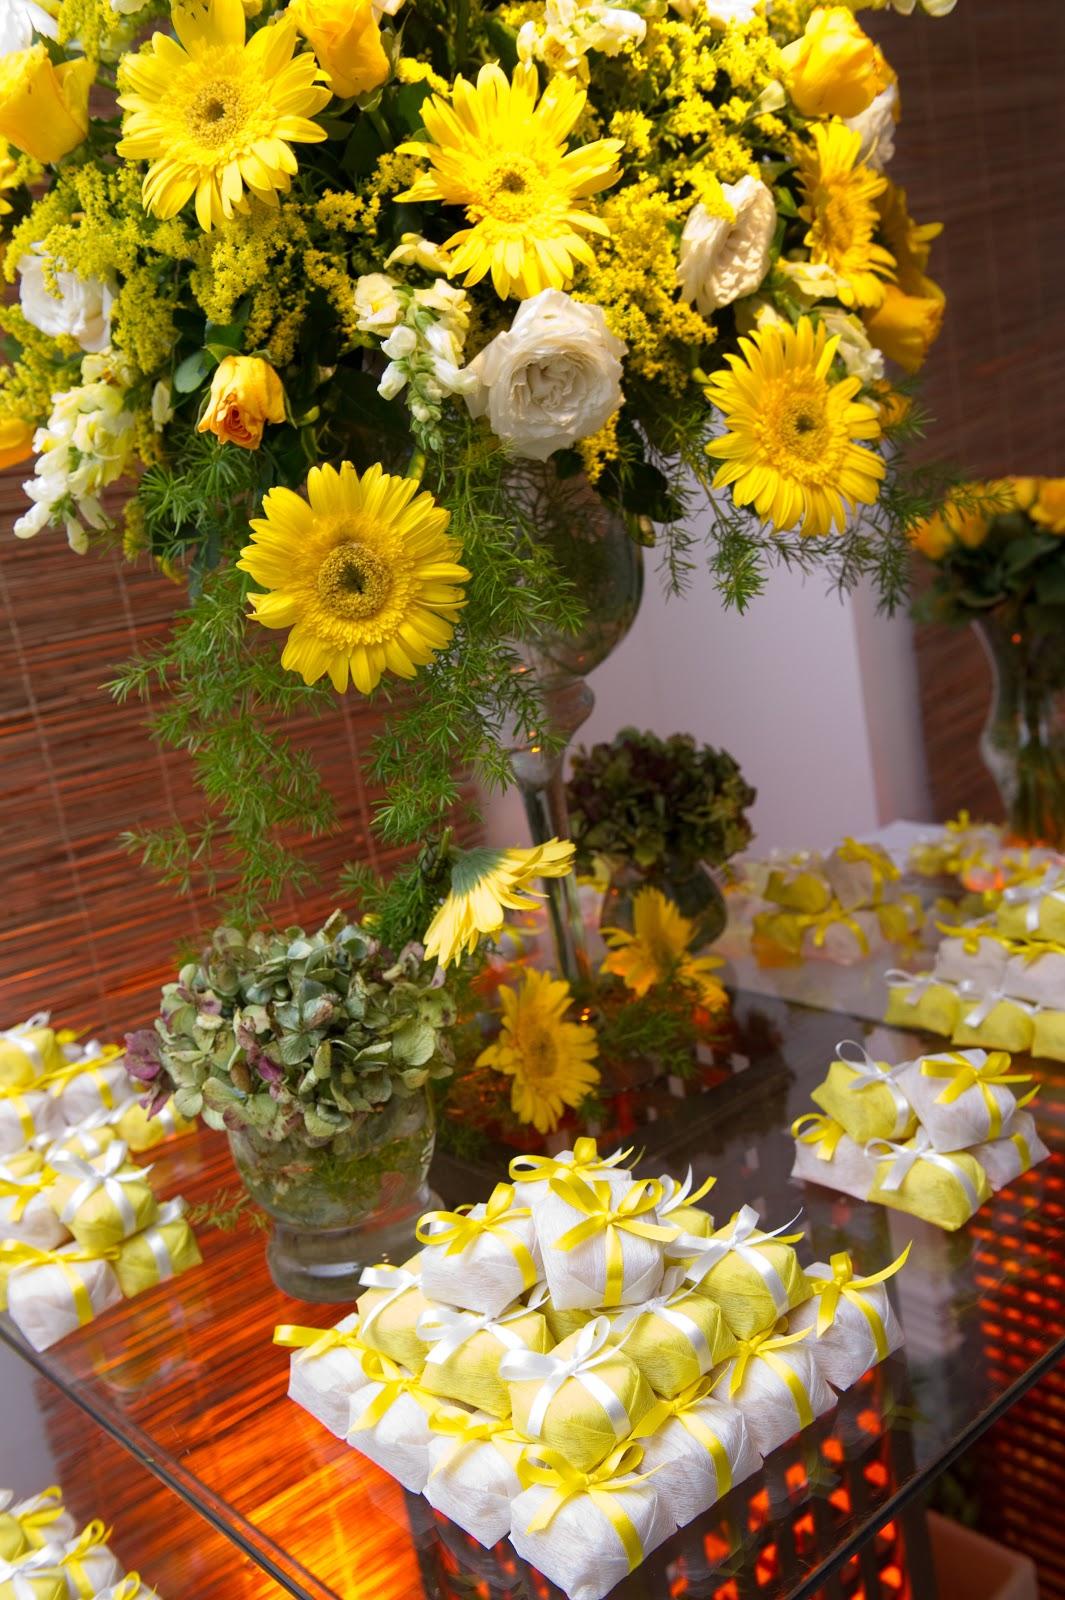 decoracao branco amarelo : decoracao branco amarelo: Panisset : Decoração em amarelo e branco – Solar Imperial – Niterói